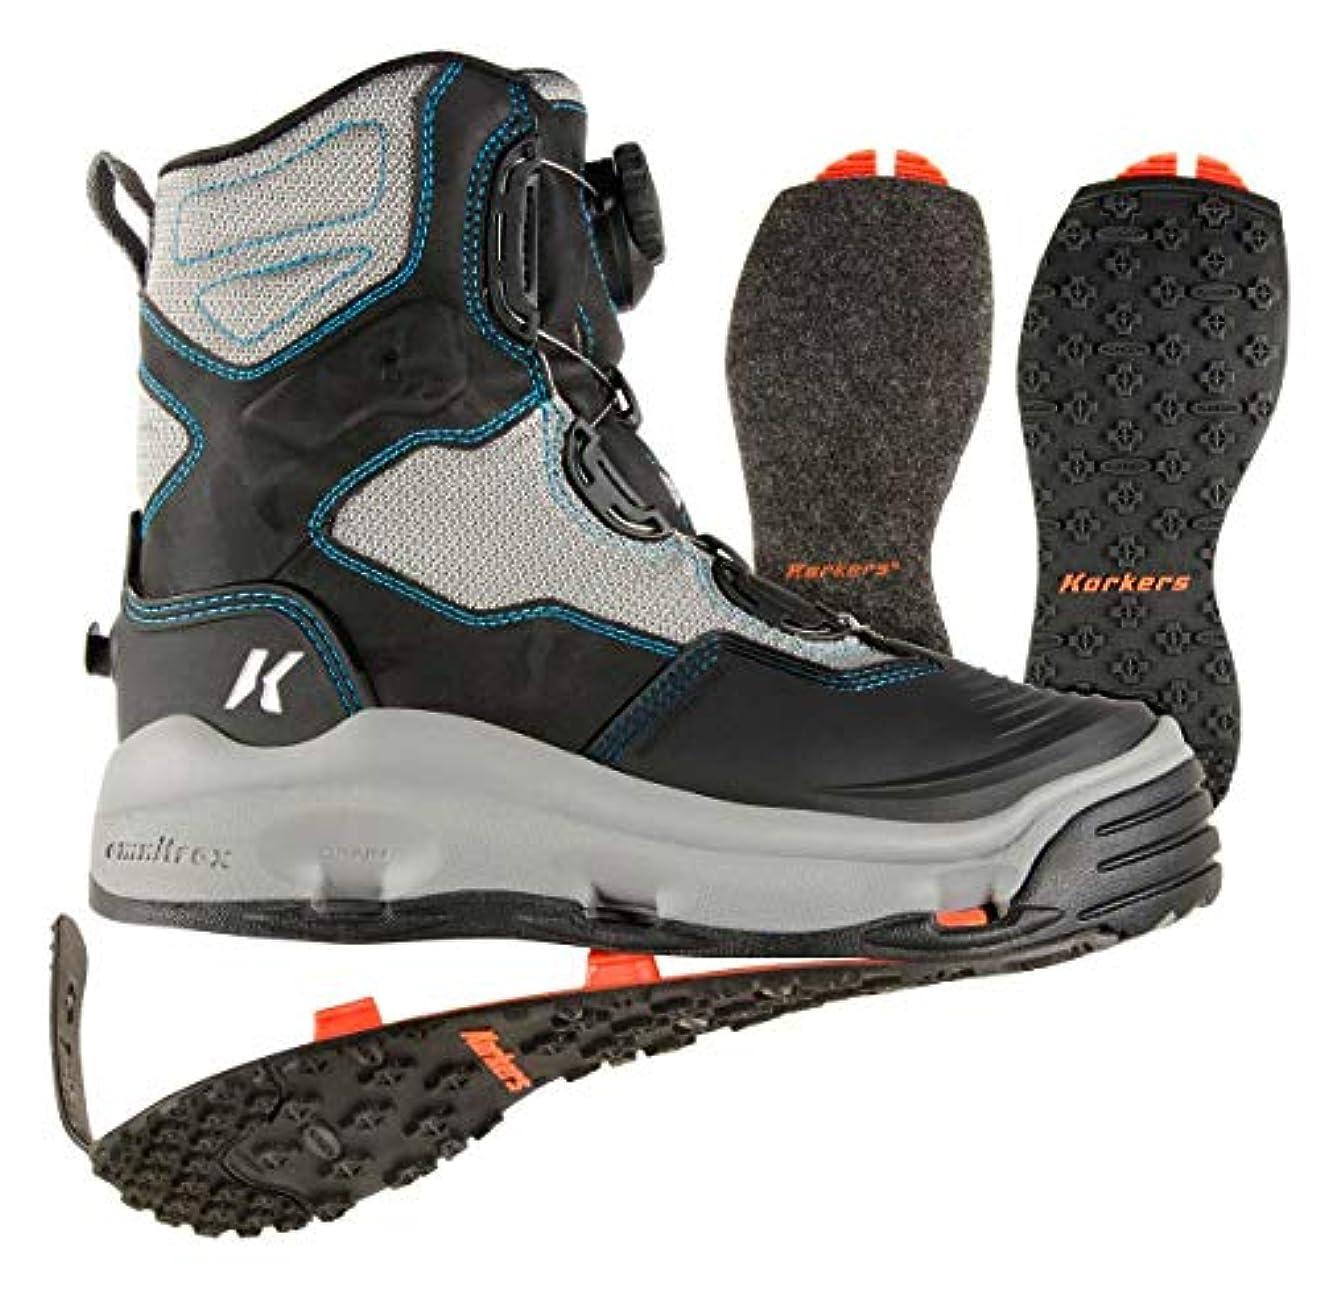 背が高いふくろうミルクKorkersレディースDarkhorse Wading Boots Womens 5 kling-on &スタッズkling-on